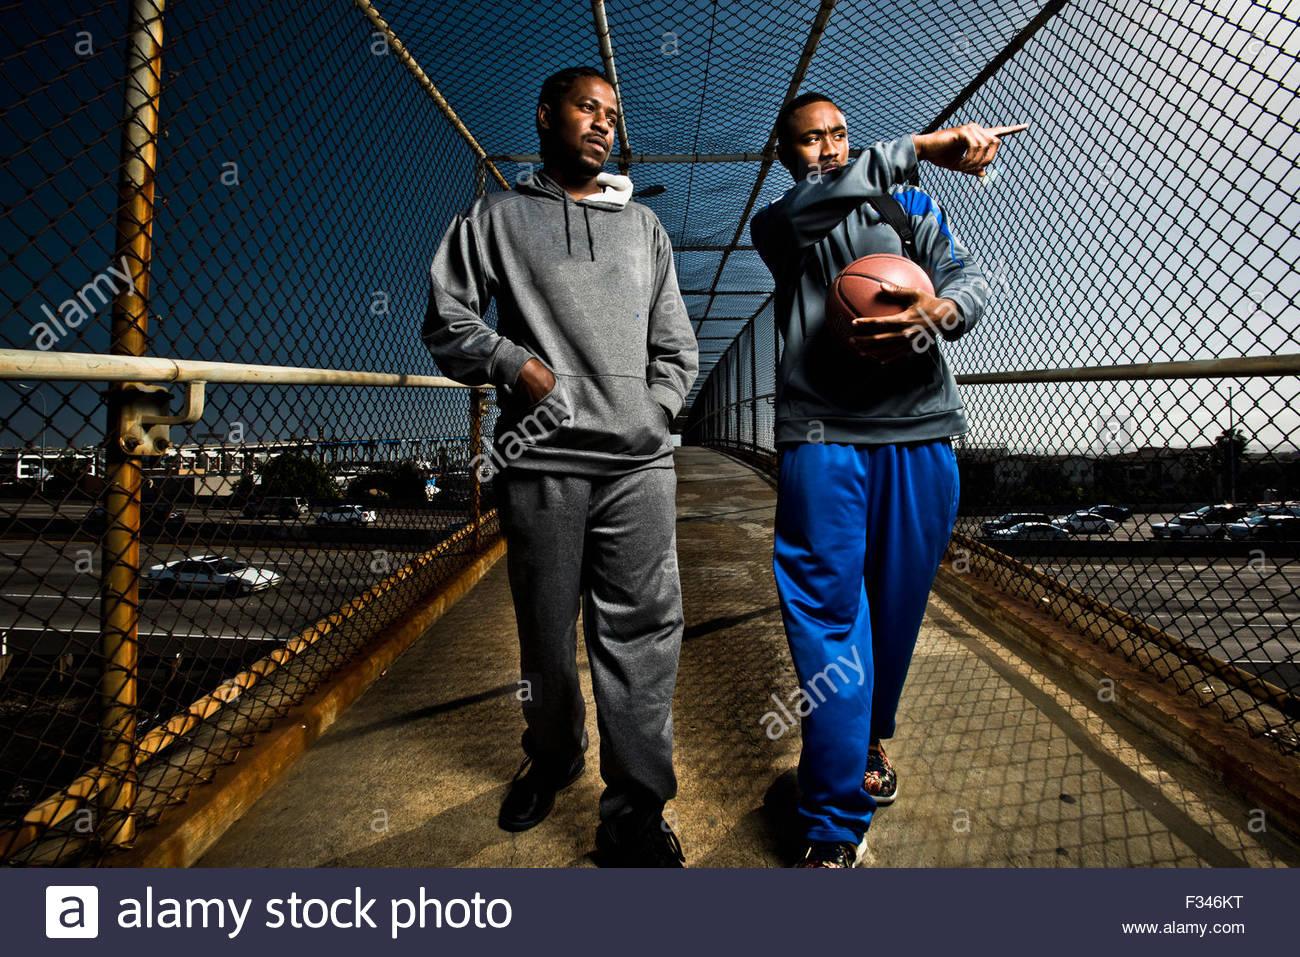 Dos hombres jóvenes paseando con una pelota de baloncesto. Imagen De Stock